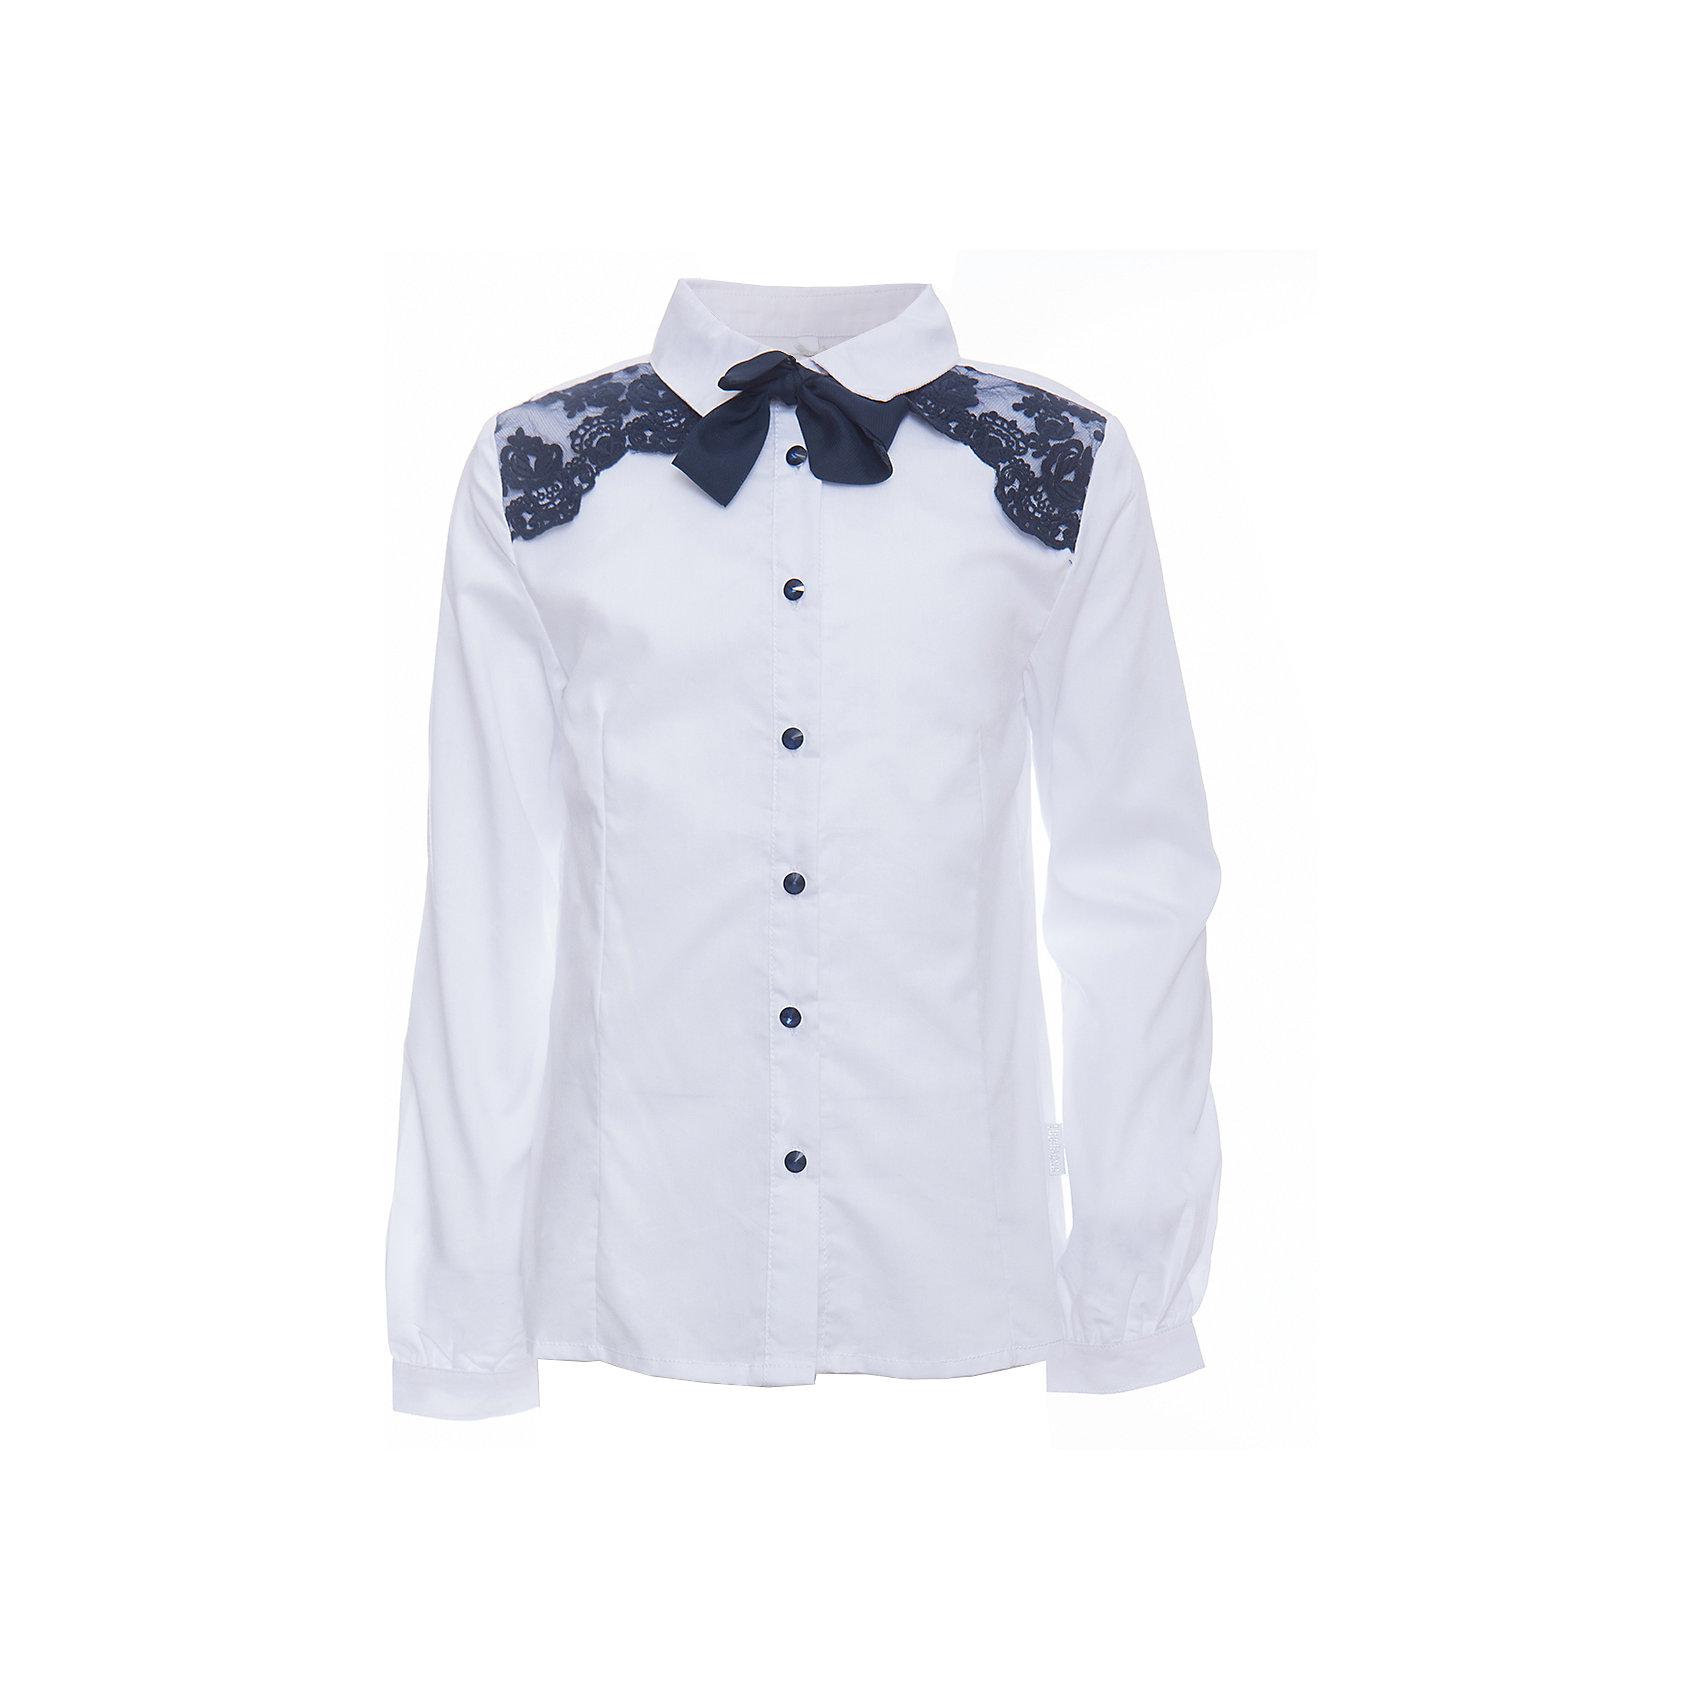 Блузка для девочки LuminosoБлузки и рубашки<br>Характеристики товара:<br><br>• цвет: белый;<br>• состав: 65% хлопок, 32% полиэстер, 3% эластан;<br>• сезон: демисезон;<br>• особенности: школьная, с кружевом;<br>• застежка: пуговицы;<br>• с длинным рукавом;<br>• декорирована кружевом и галстуком;<br>• манжеты рукавов на пуговице;<br>• страна бренда: Россия;<br>• страна производства: Китай.<br><br>Школьная блузка с длинным рукавом для девочки. Блузка приталенного кроя. Декорирована изящной контрастным кружевом синего цвета. Застегивается на пуговки, манжеты рукавов на одной пуговице. Пуговицы  и галстук контрастного синего цвета.<br><br>Блузка для девочки Luminoso (Люминосо) можно купить в нашем интернет-магазине.<br><br>Ширина мм: 186<br>Глубина мм: 87<br>Высота мм: 198<br>Вес г: 197<br>Цвет: белый<br>Возраст от месяцев: 72<br>Возраст до месяцев: 84<br>Пол: Женский<br>Возраст: Детский<br>Размер: 122,164,128,134,140,146,152,158<br>SKU: 6672074